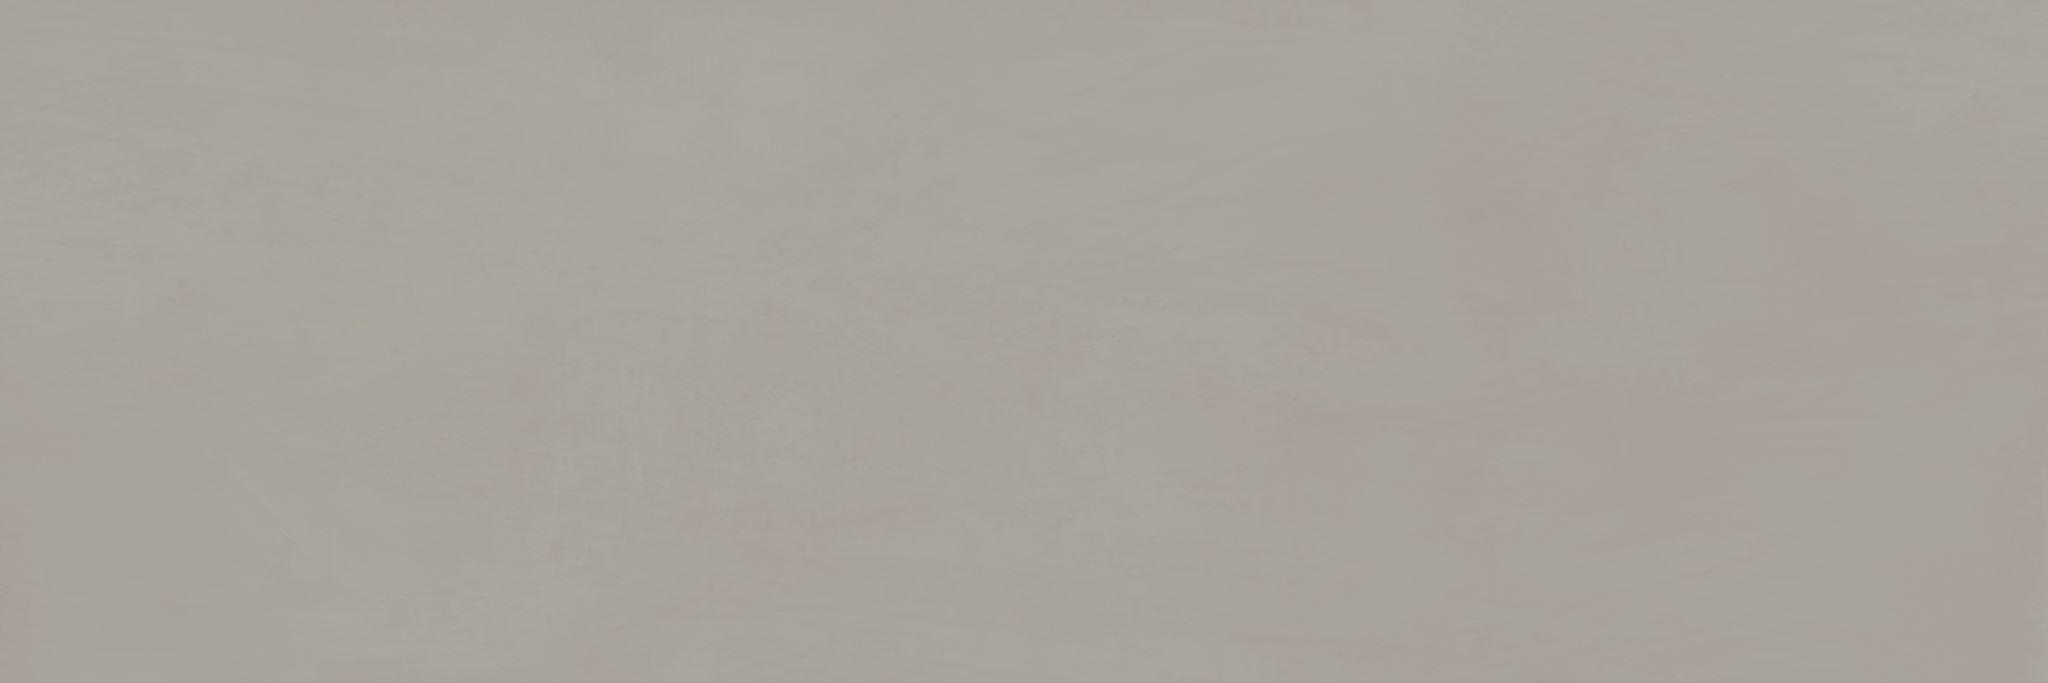 Interni Sabbia 40x120cm